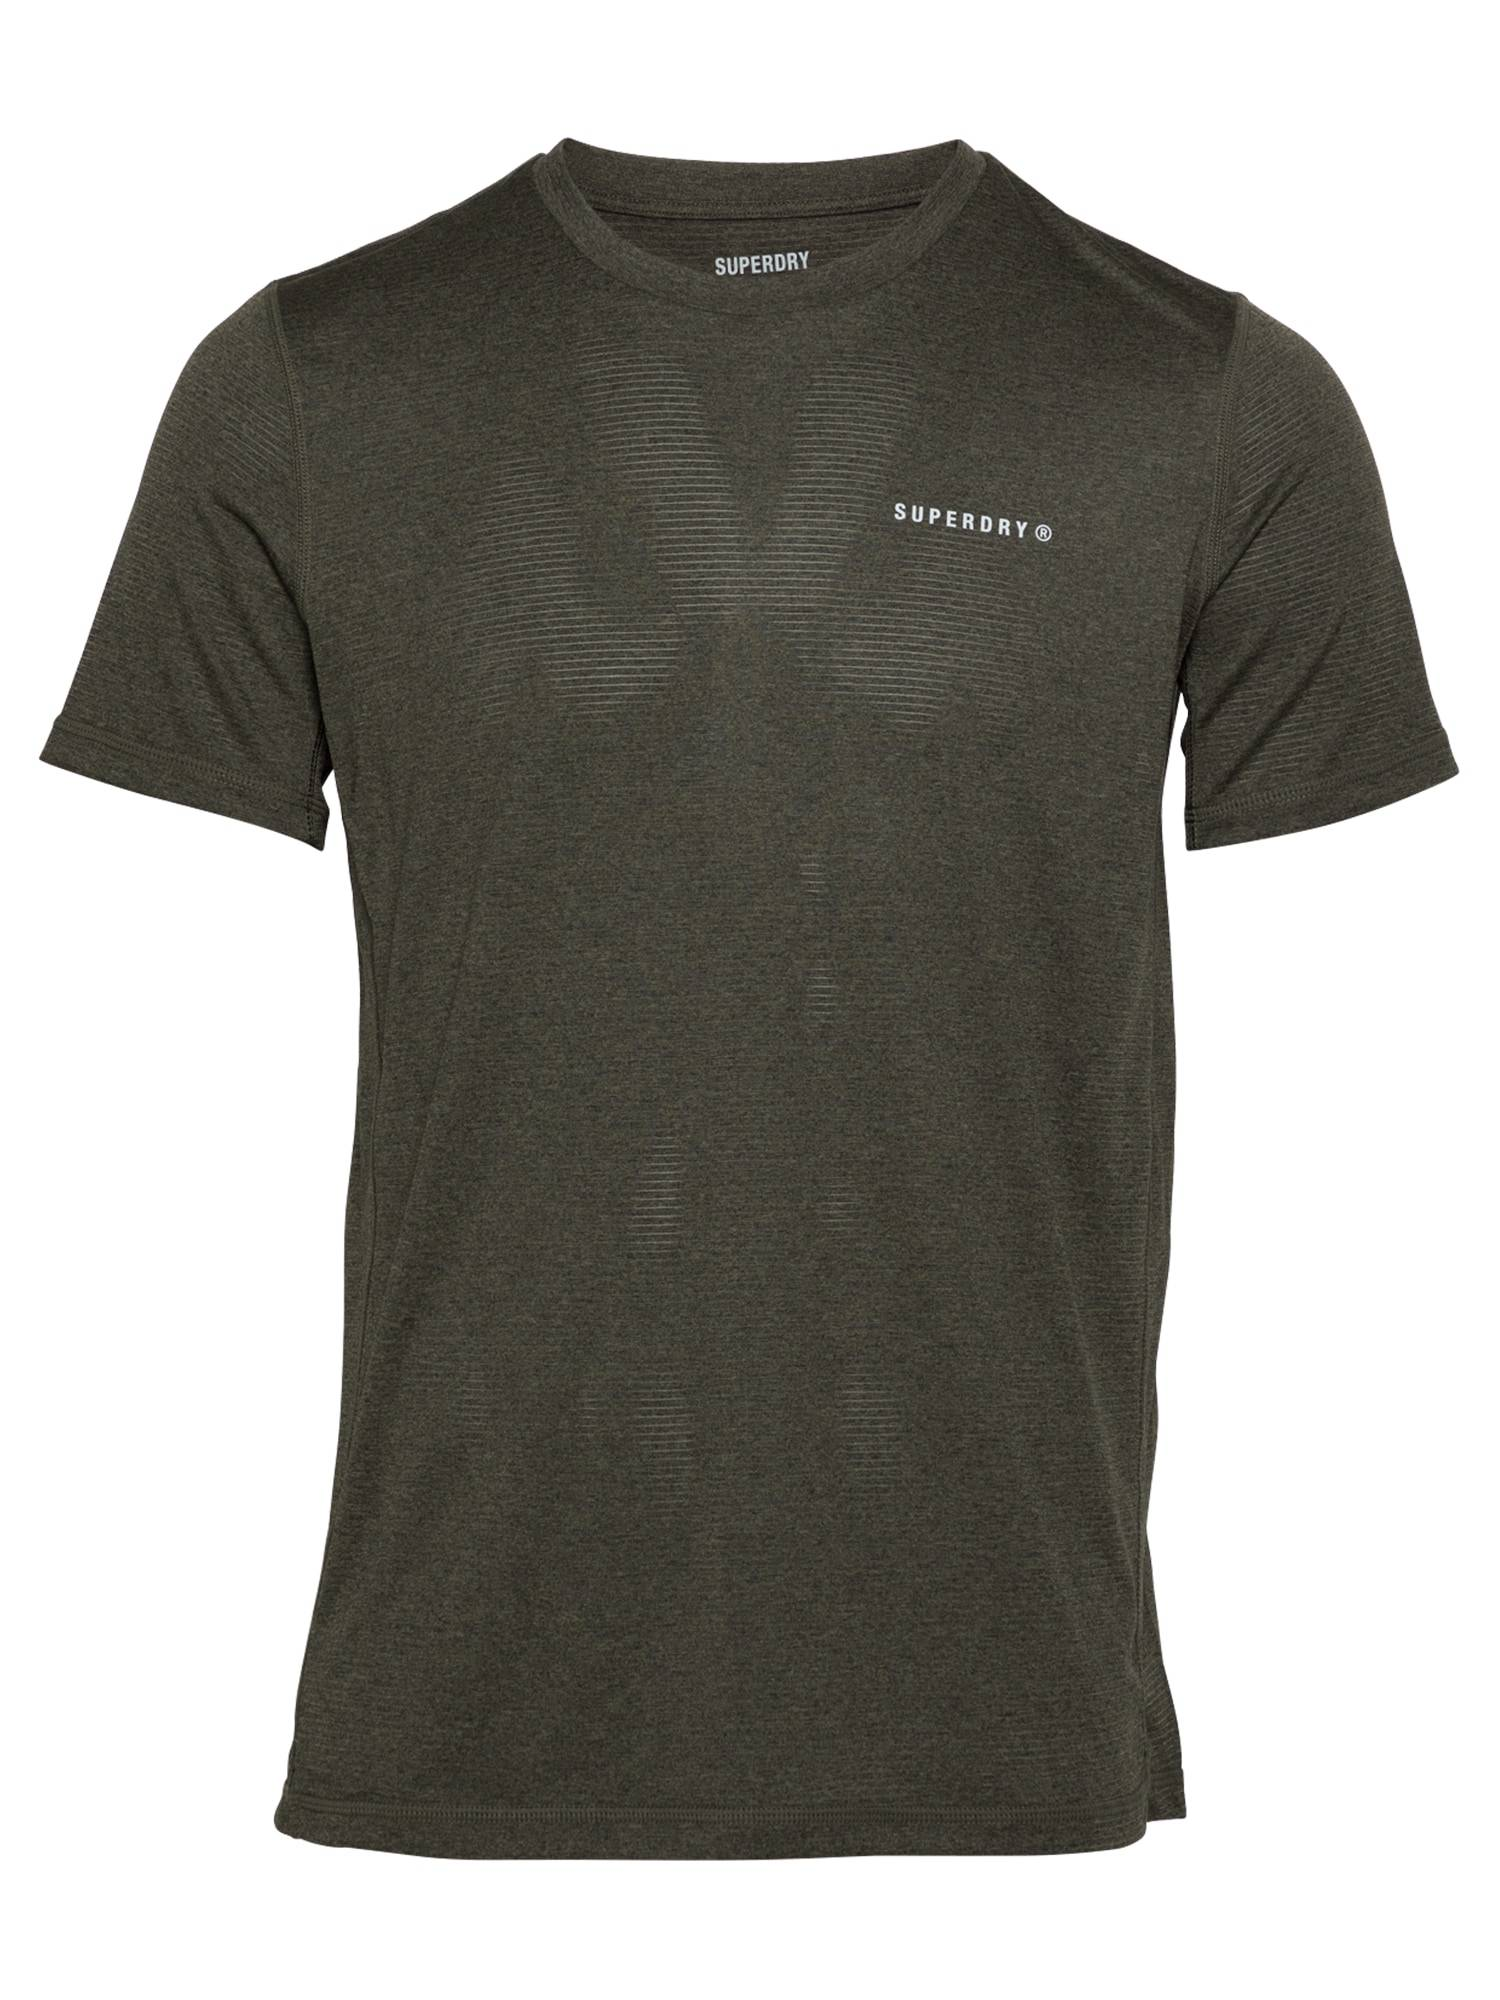 Superdry T-Shirt fonctionnel  - Noir - Taille: XL - male